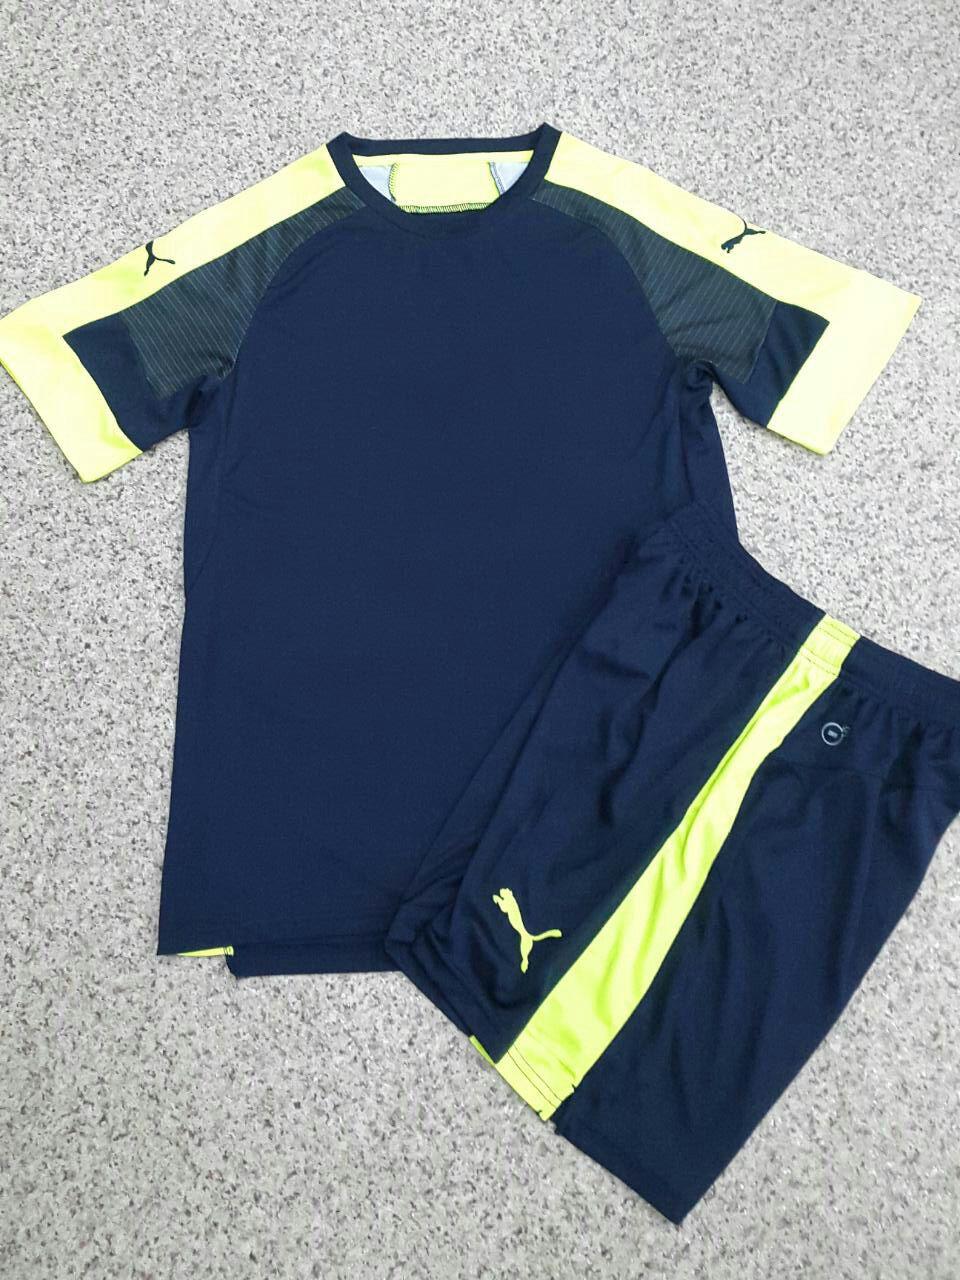 Футбольная форма-оригинал (Нейтральная)